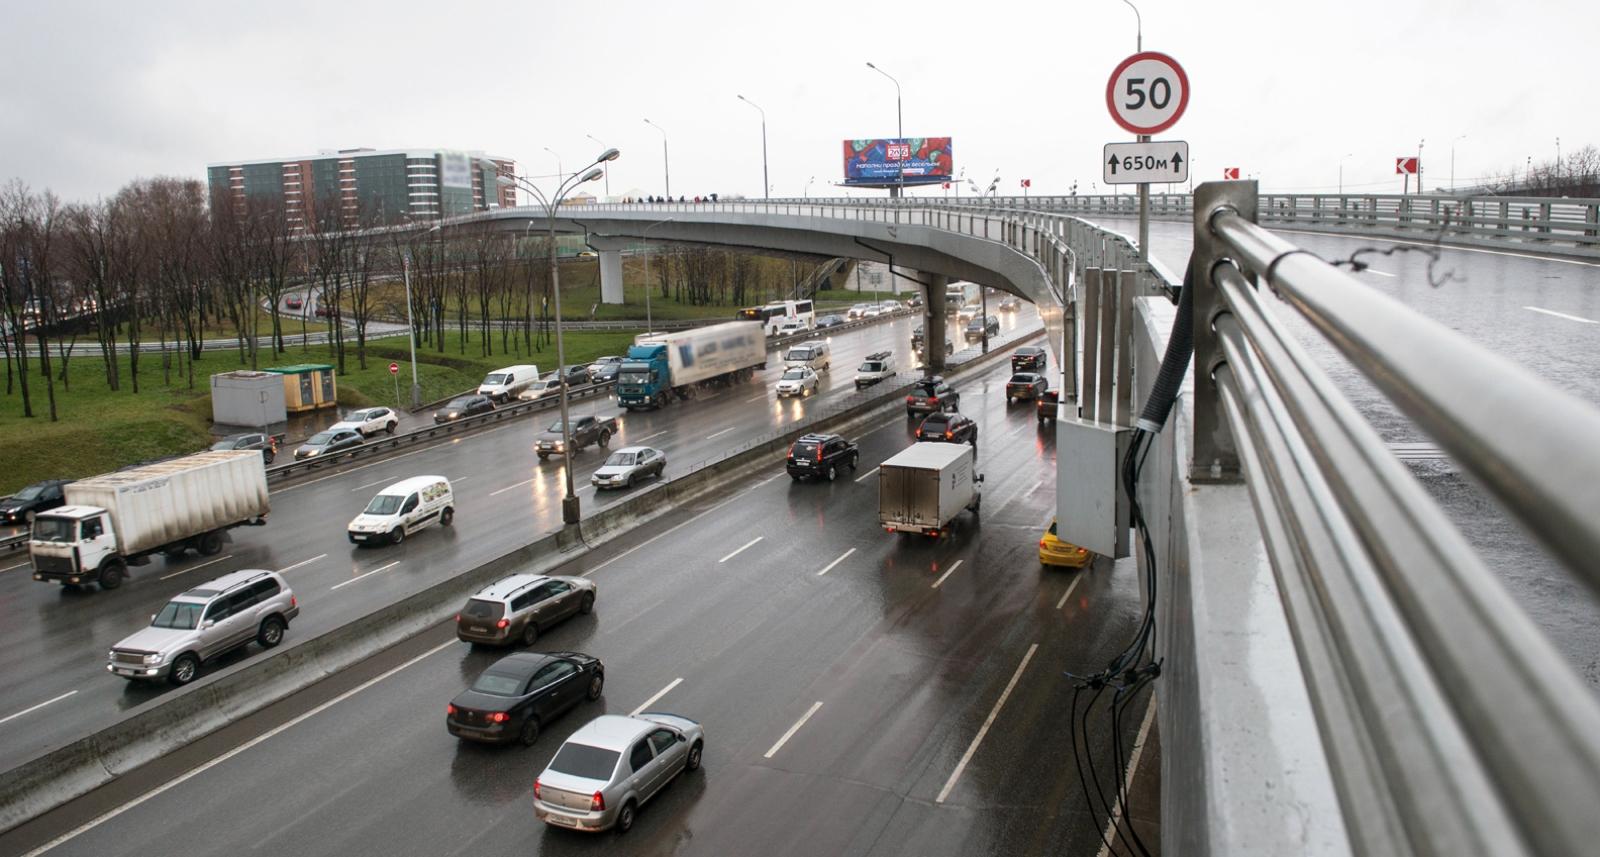 С 2014 года въезд большегрузного транспорта на МКАД возможен только по специальным пропускам (Фото: пресс-служба мэра и правительства Москвы. Евгений Самарин)